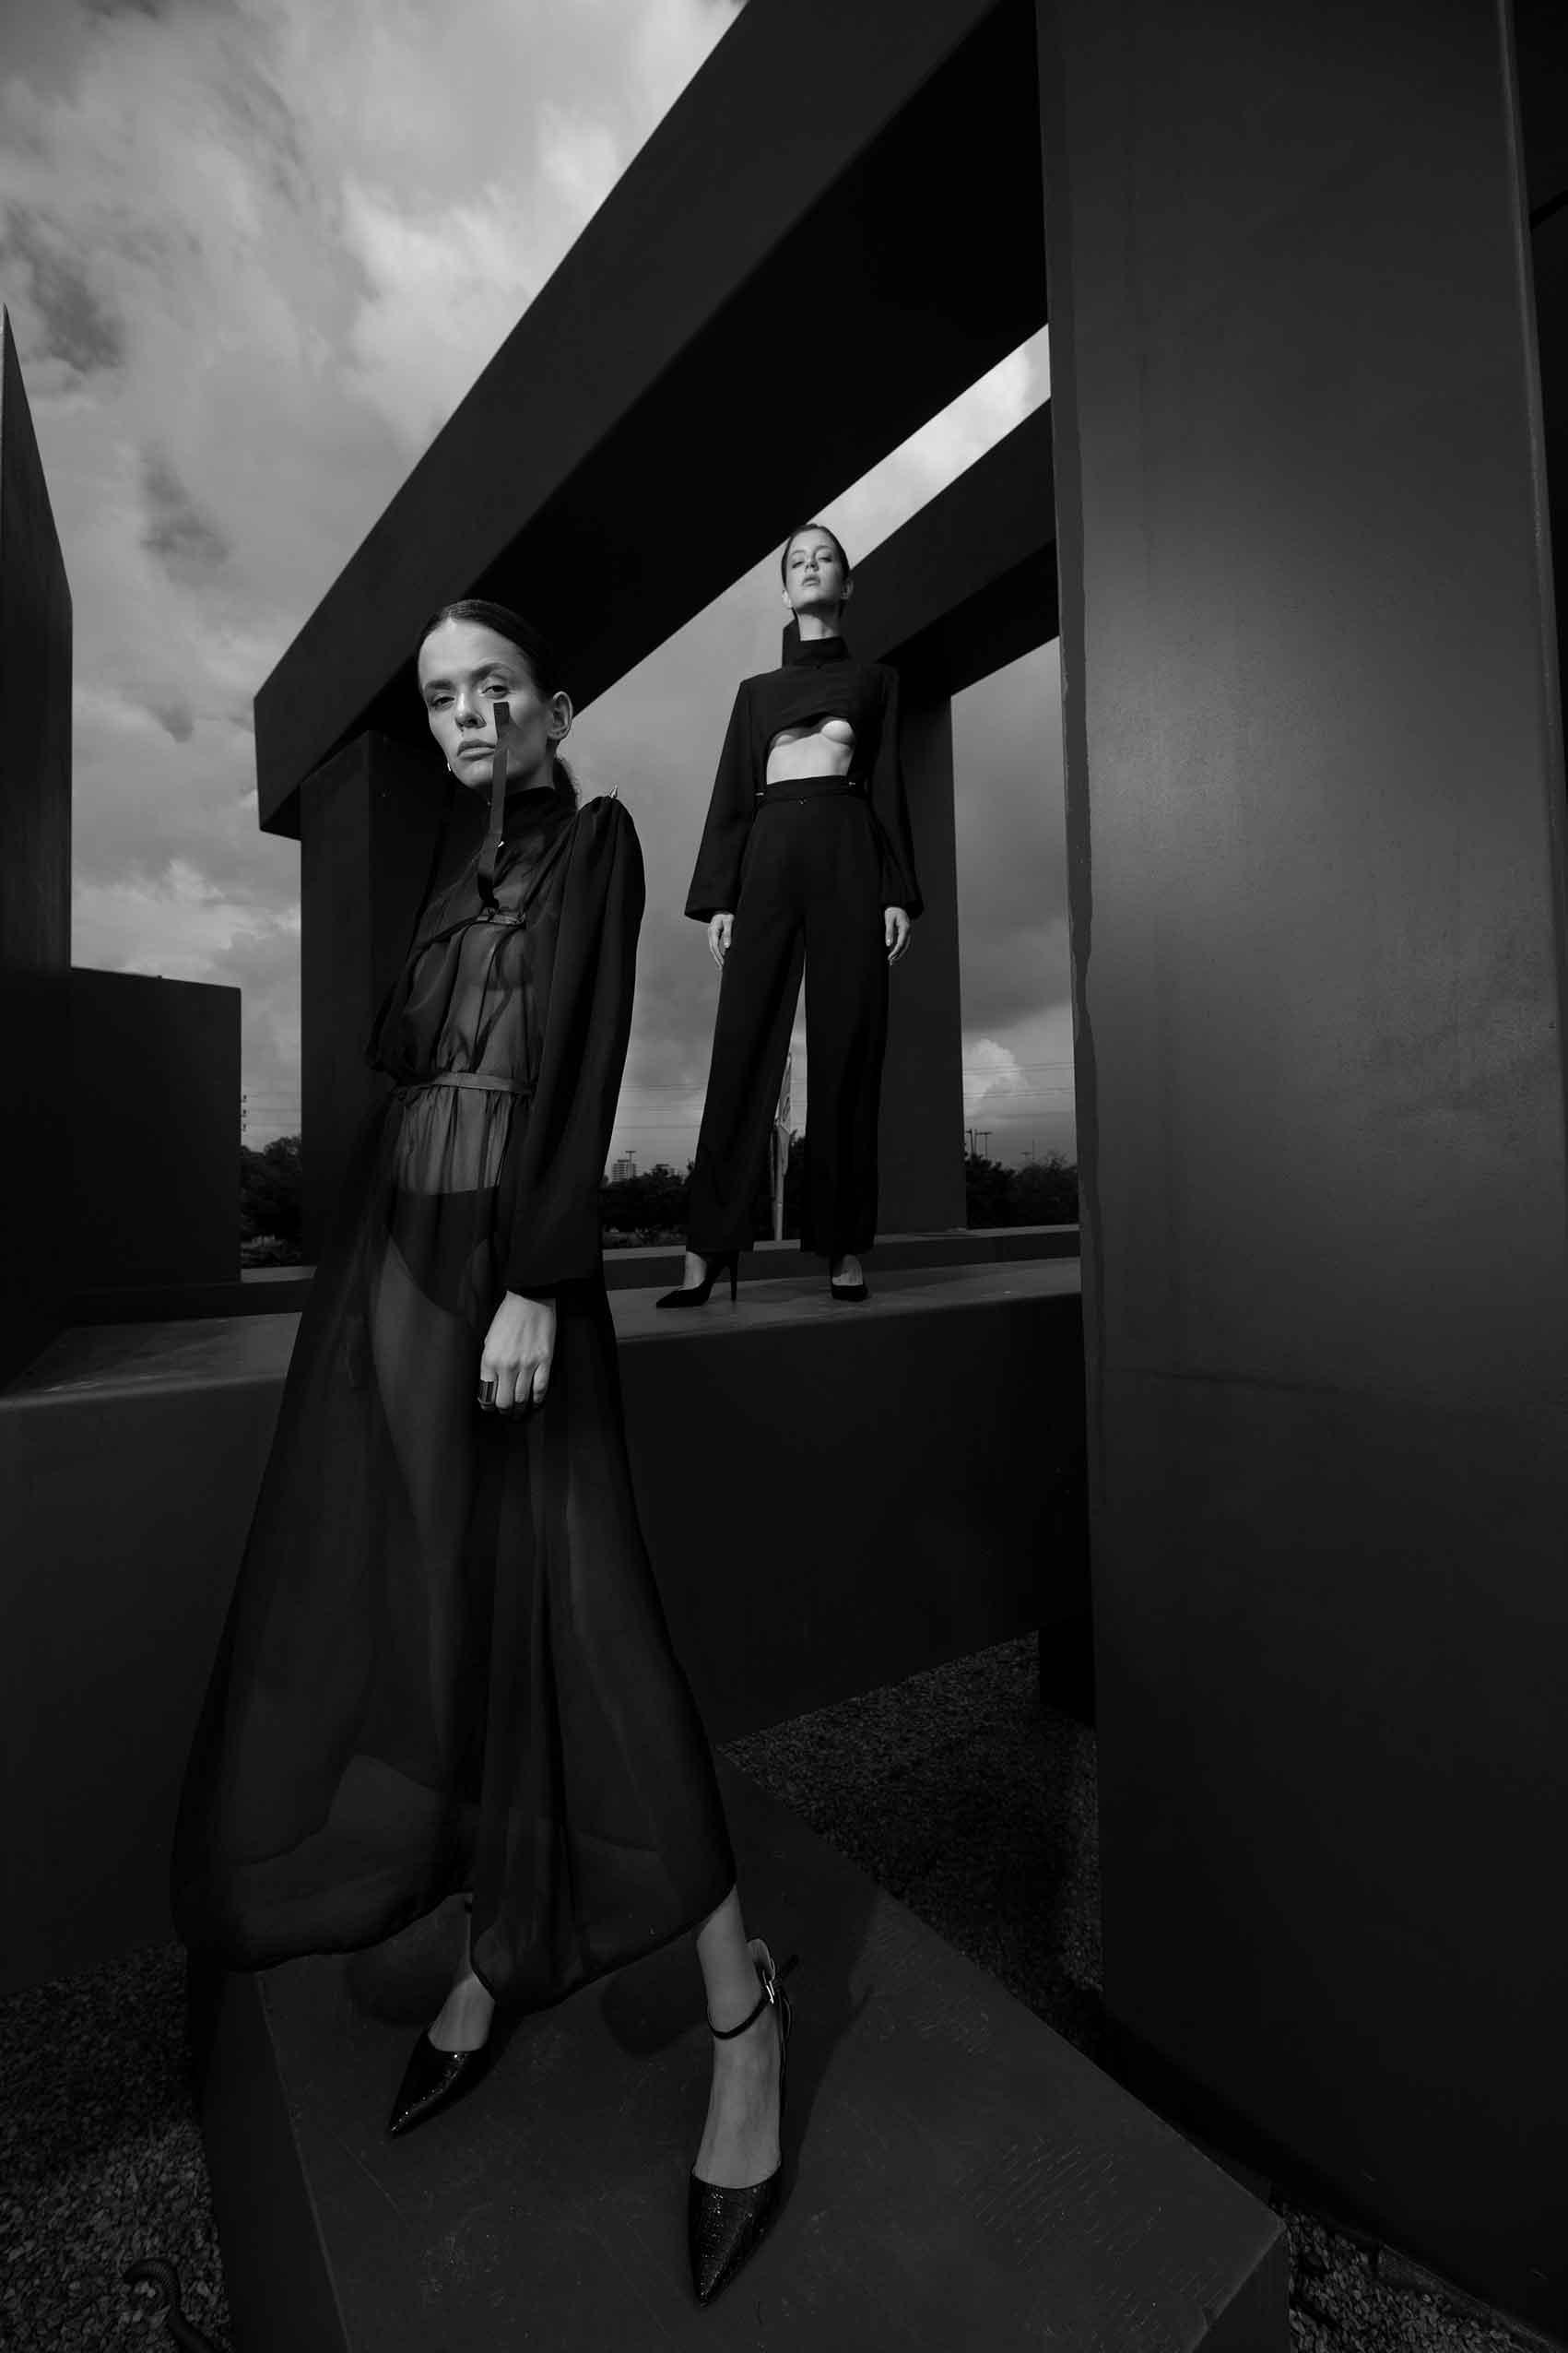 מאשה-גילדר-מגזין-אופנה-מגזין-אופנת-נשים